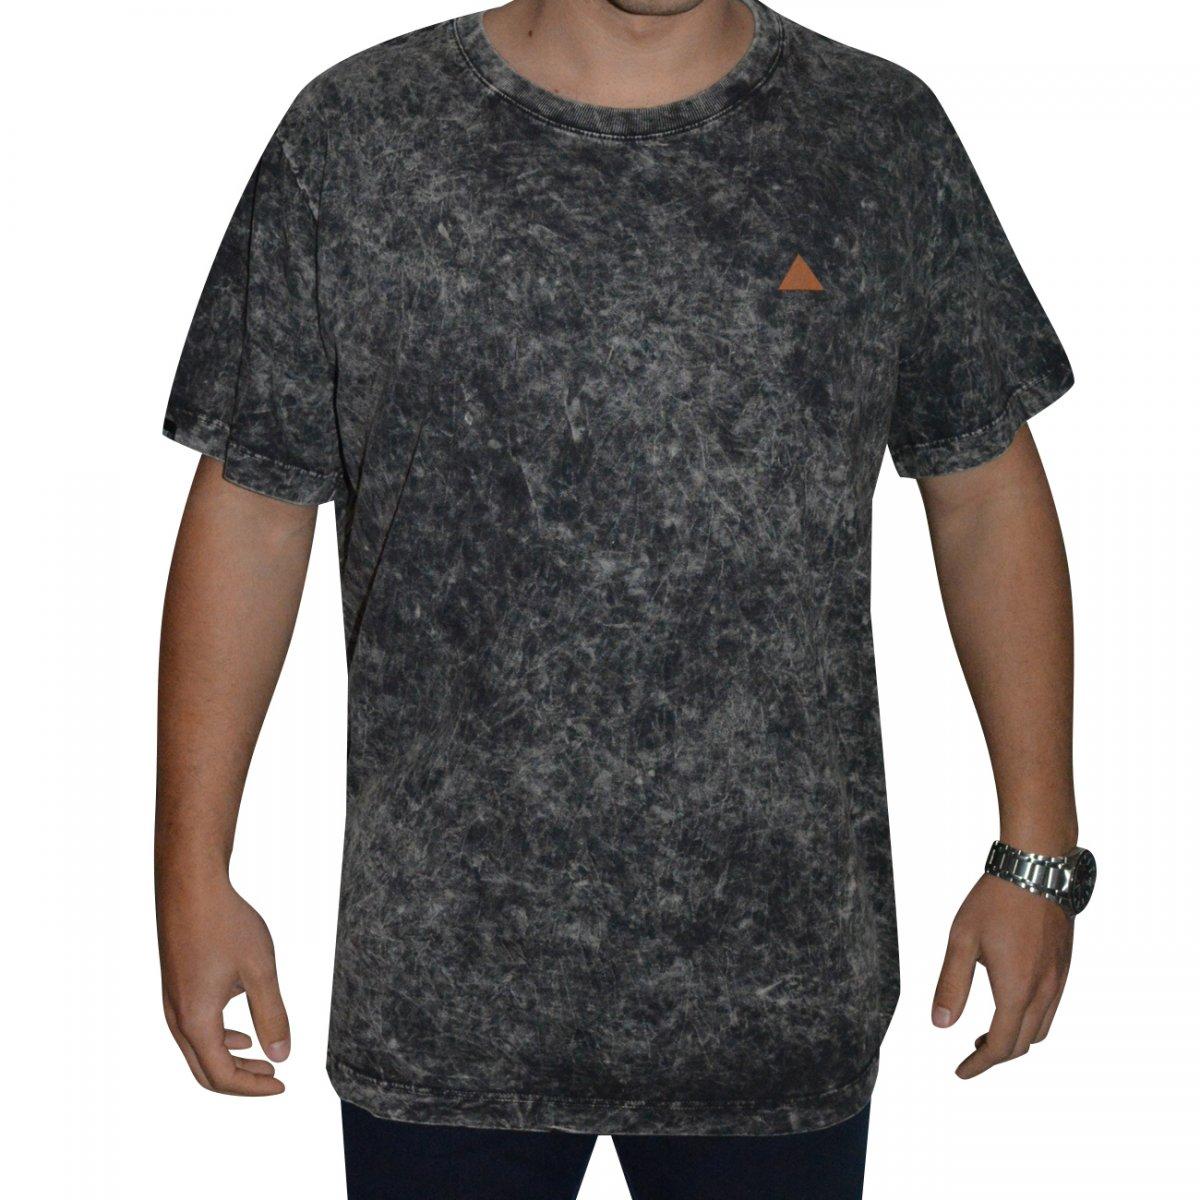 838c05a9f9 Camiseta Code Stoned 210408016 - Preto - Chuteira Nike